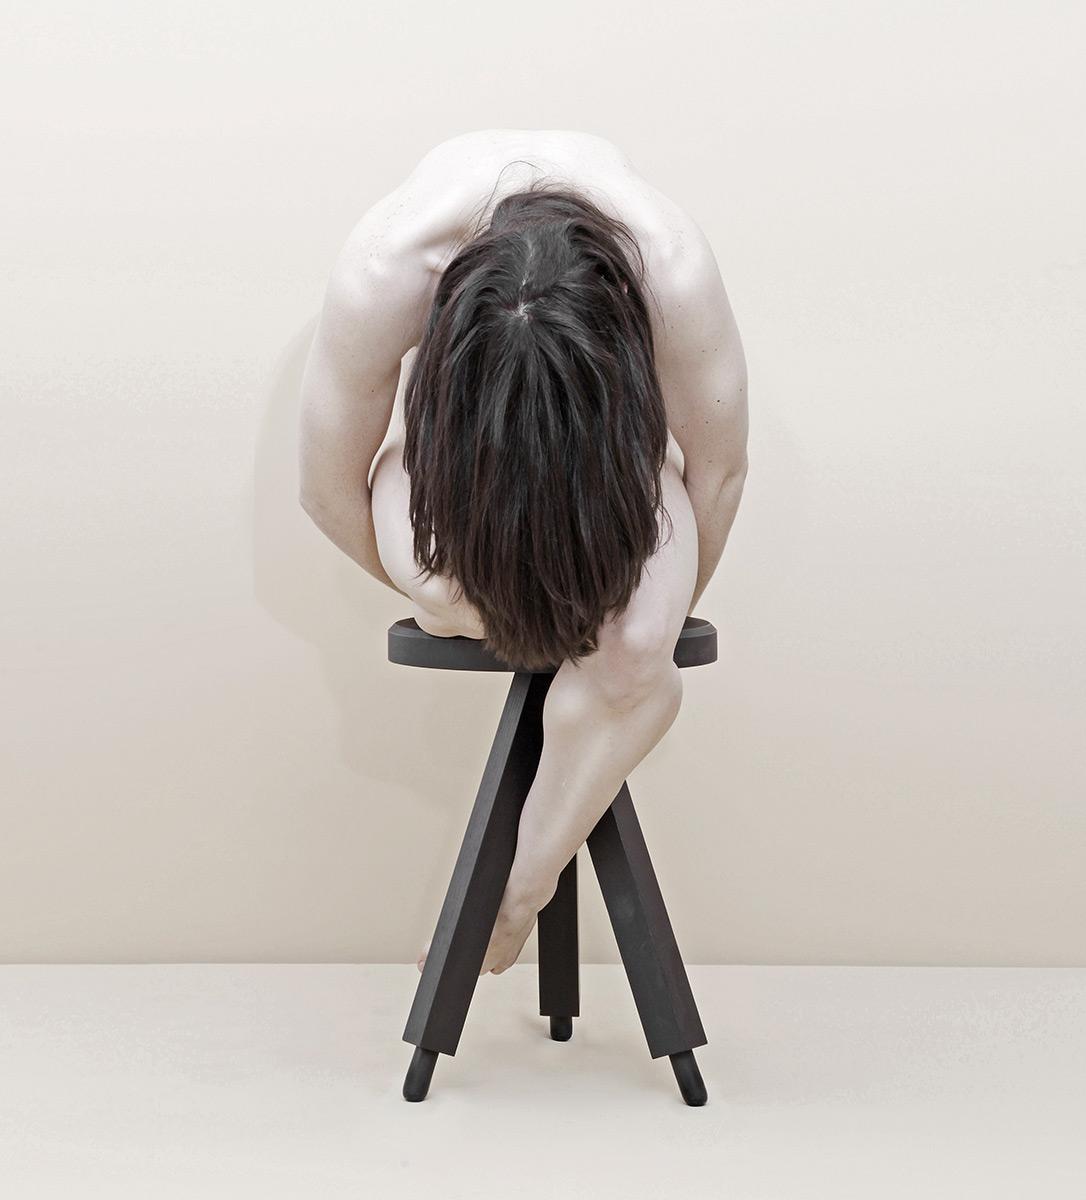 milk-stools-byamt-alissia-melka-teichroew-photo-lisa-klappe-2